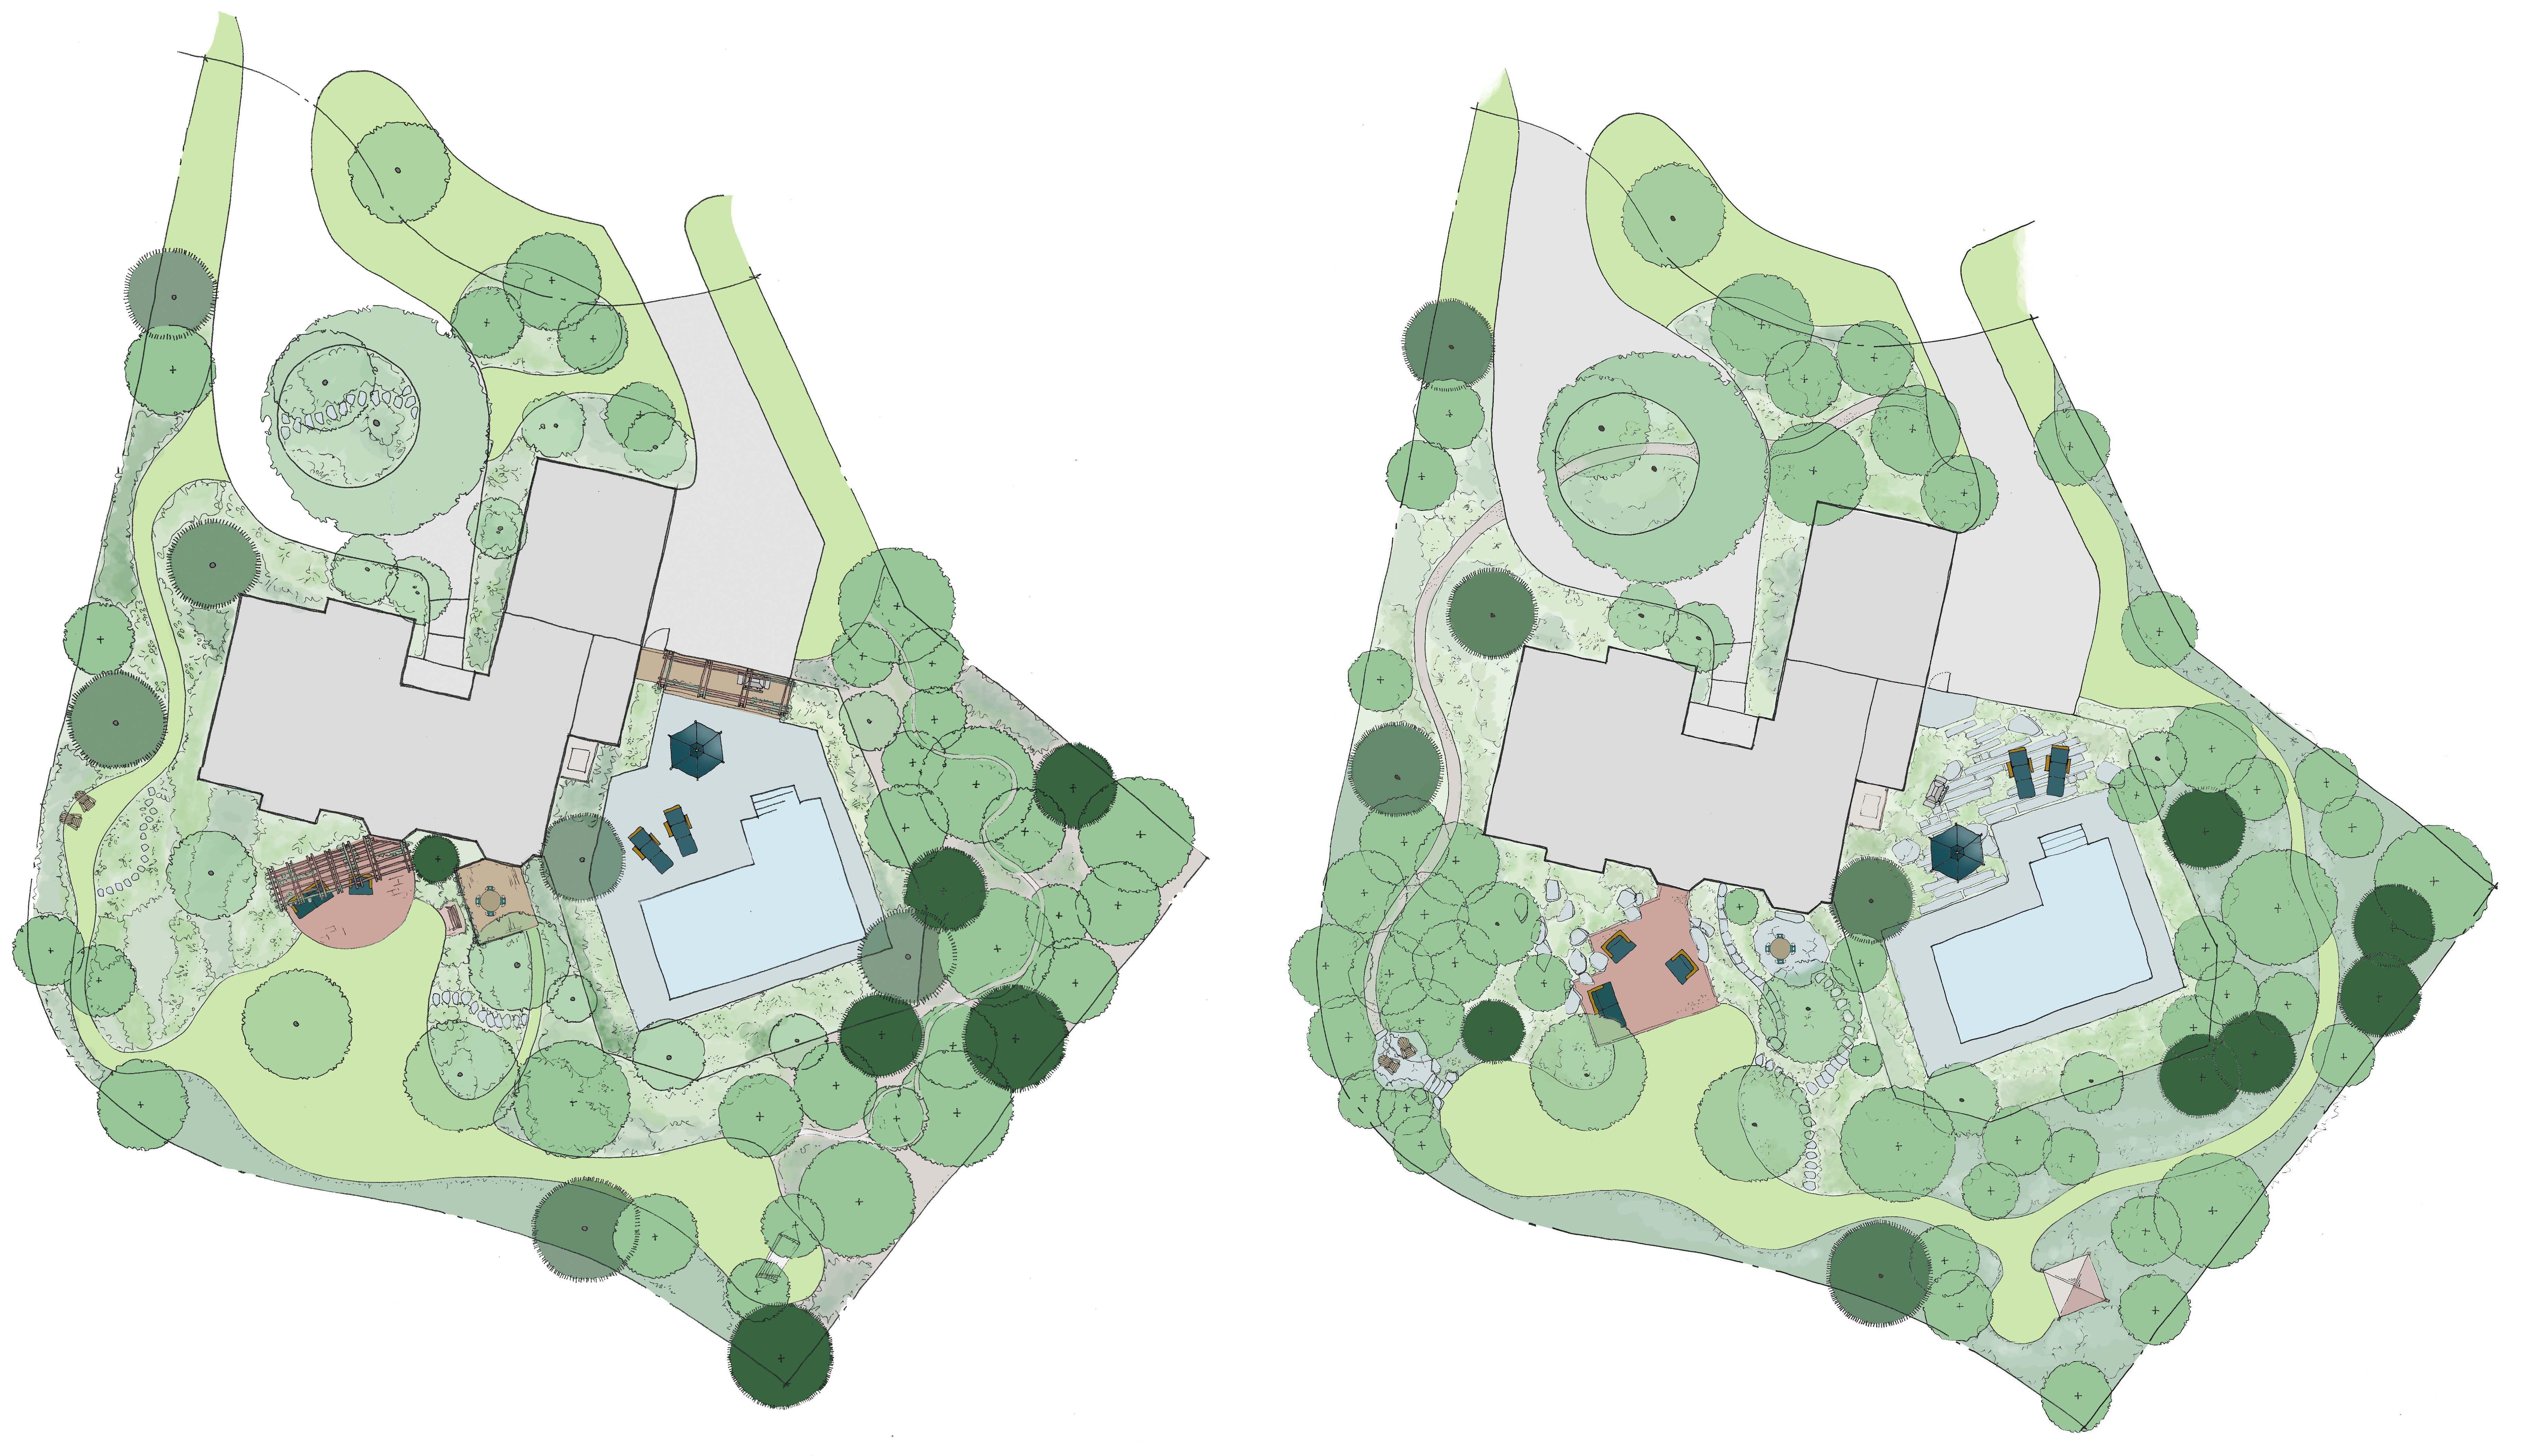 Inspirational Free Online Landscape Design tool